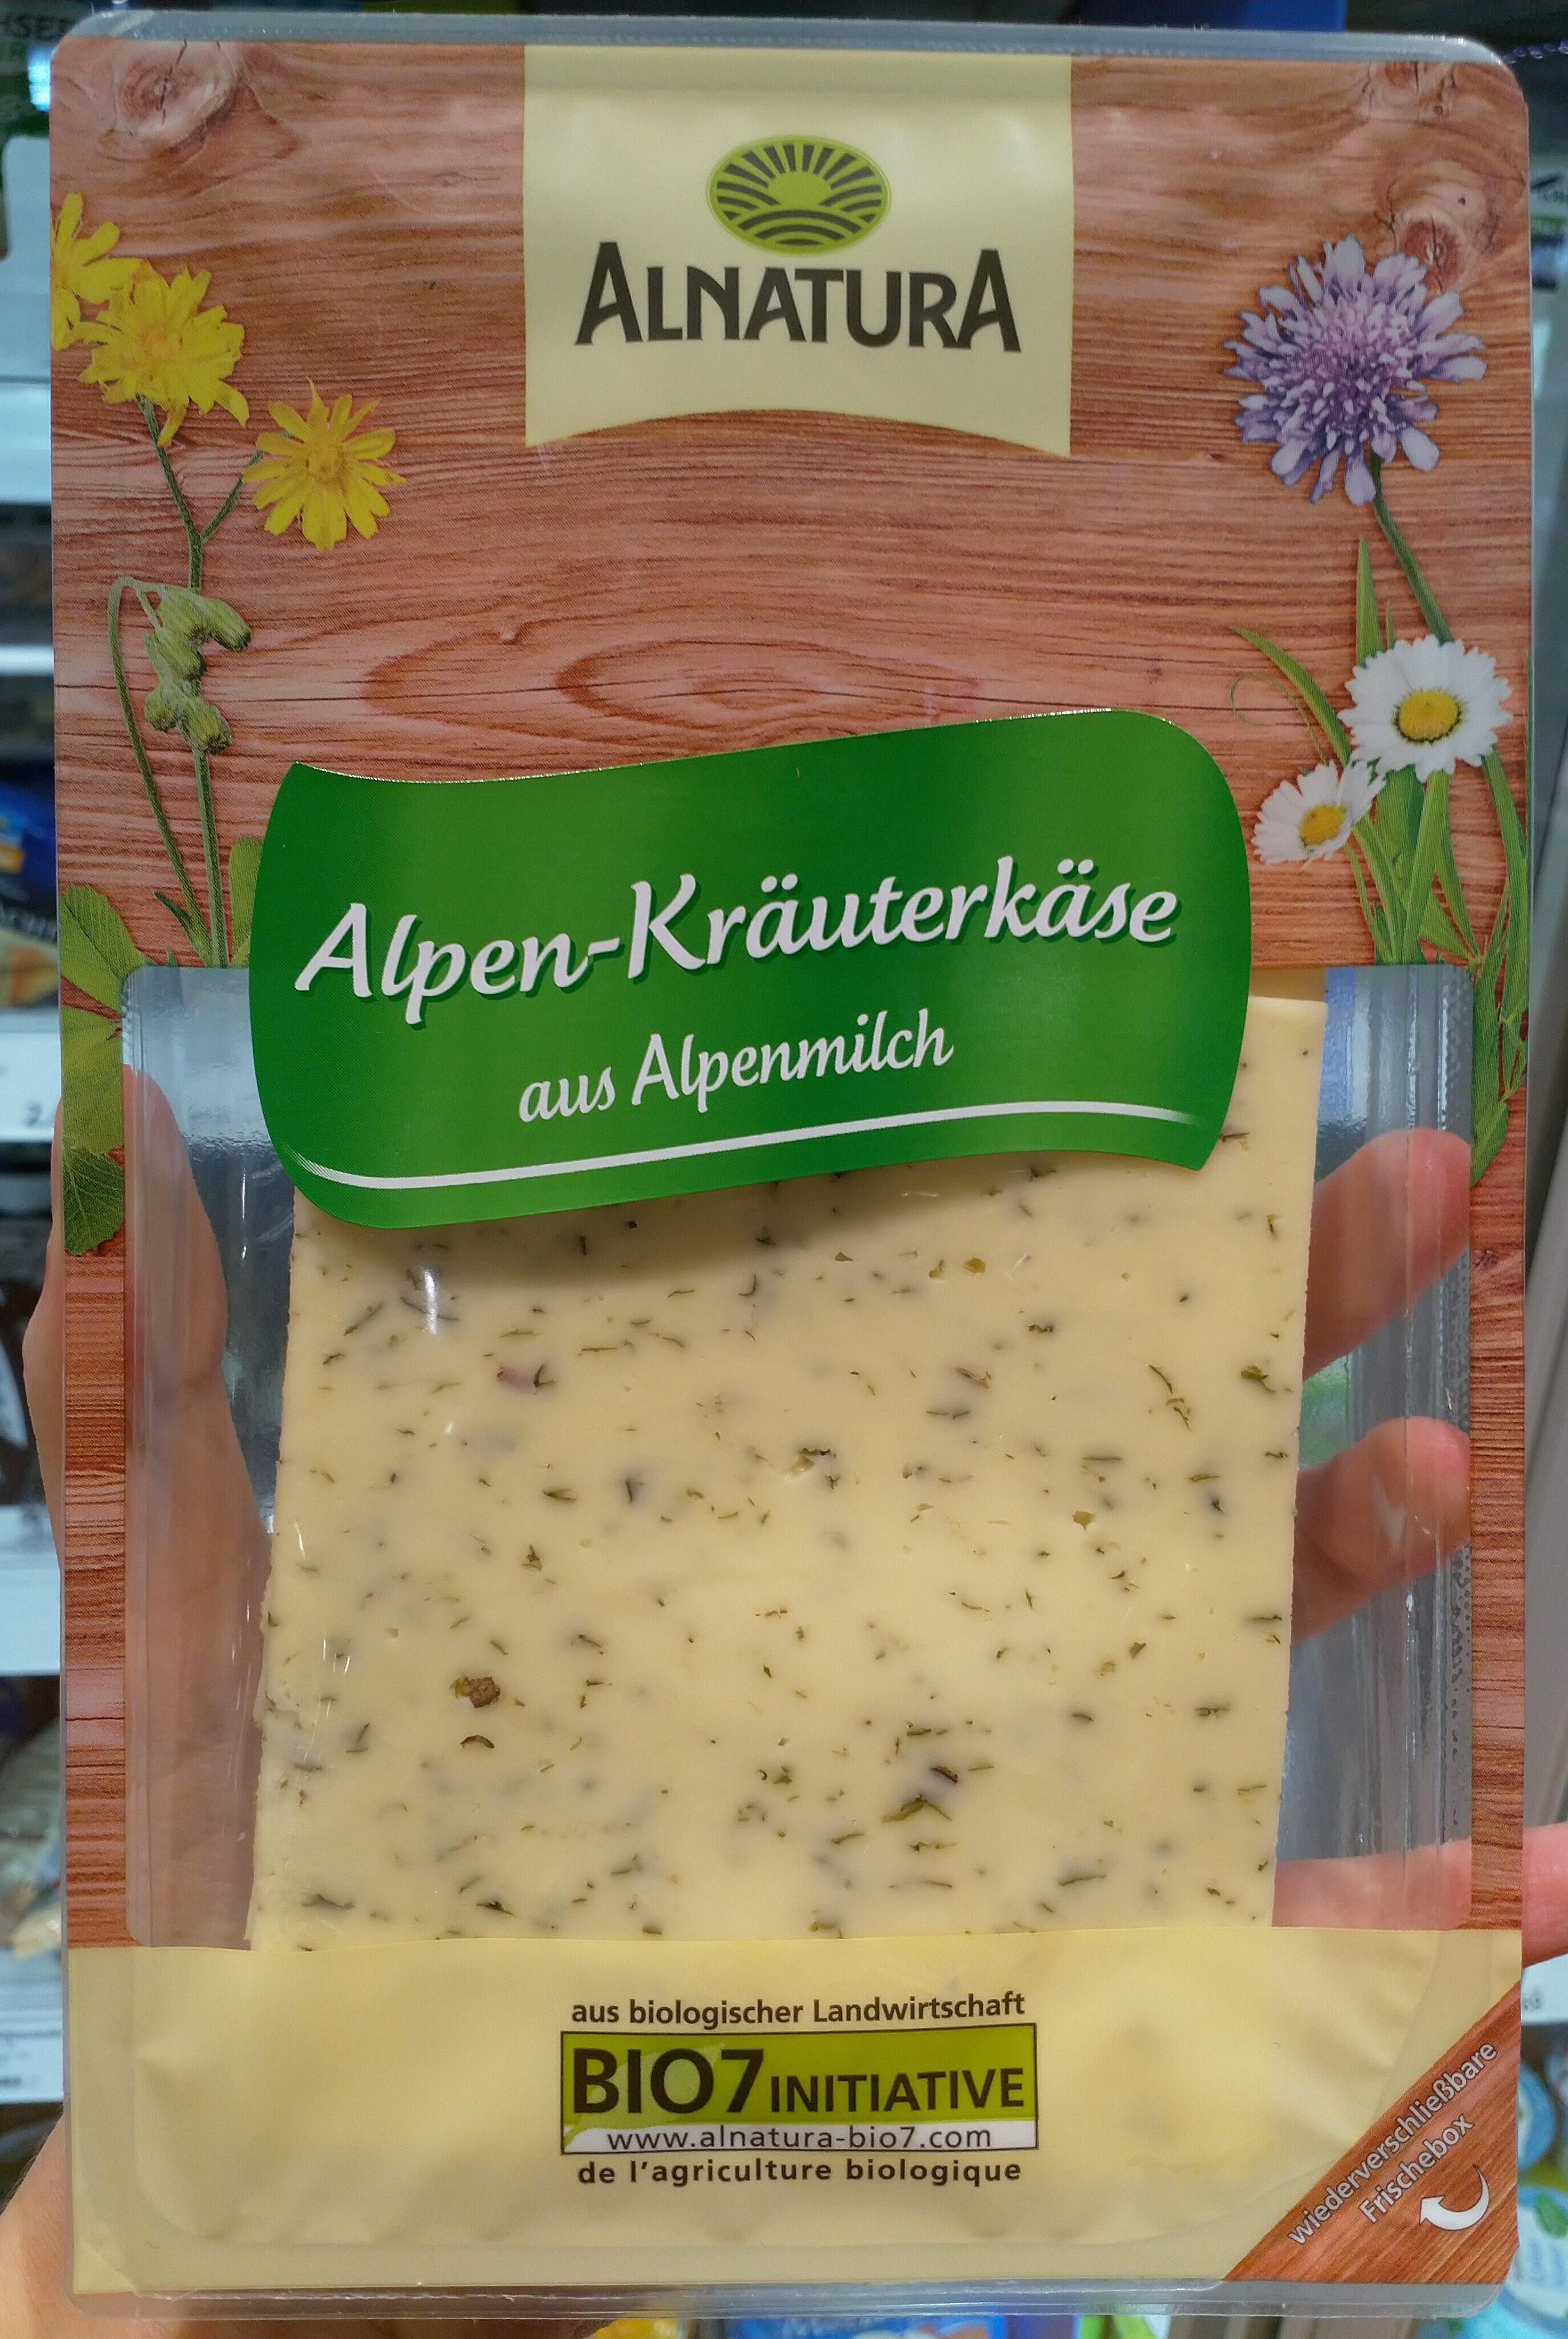 Alpen-Kräuterkäse aus Alpenmilch - Product - de